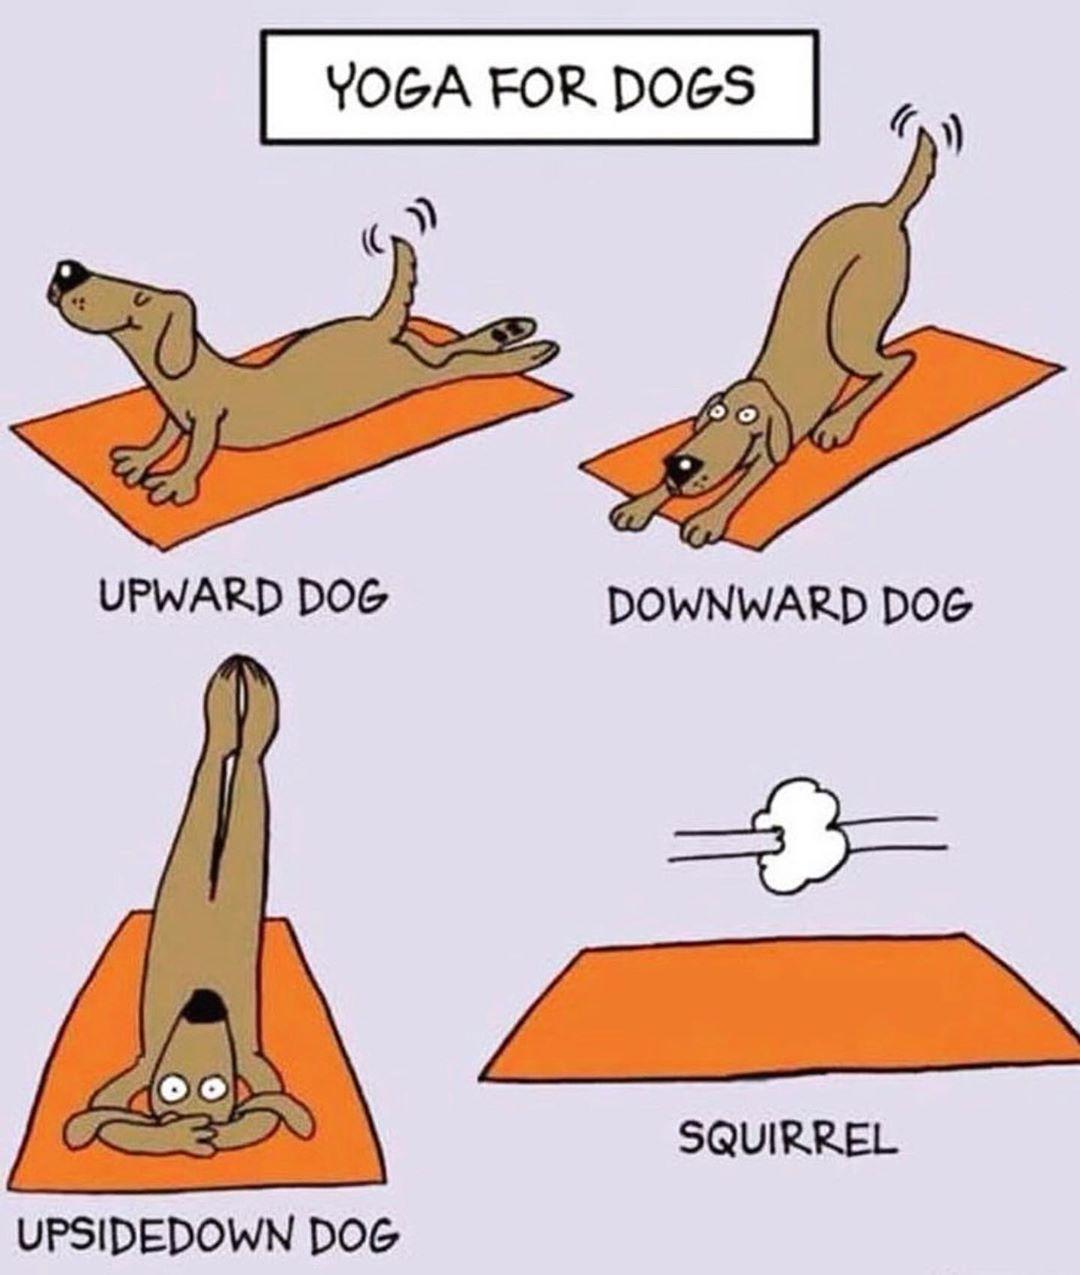 Yoga Meme Upward Dog Yoga Meme Dog Yoga